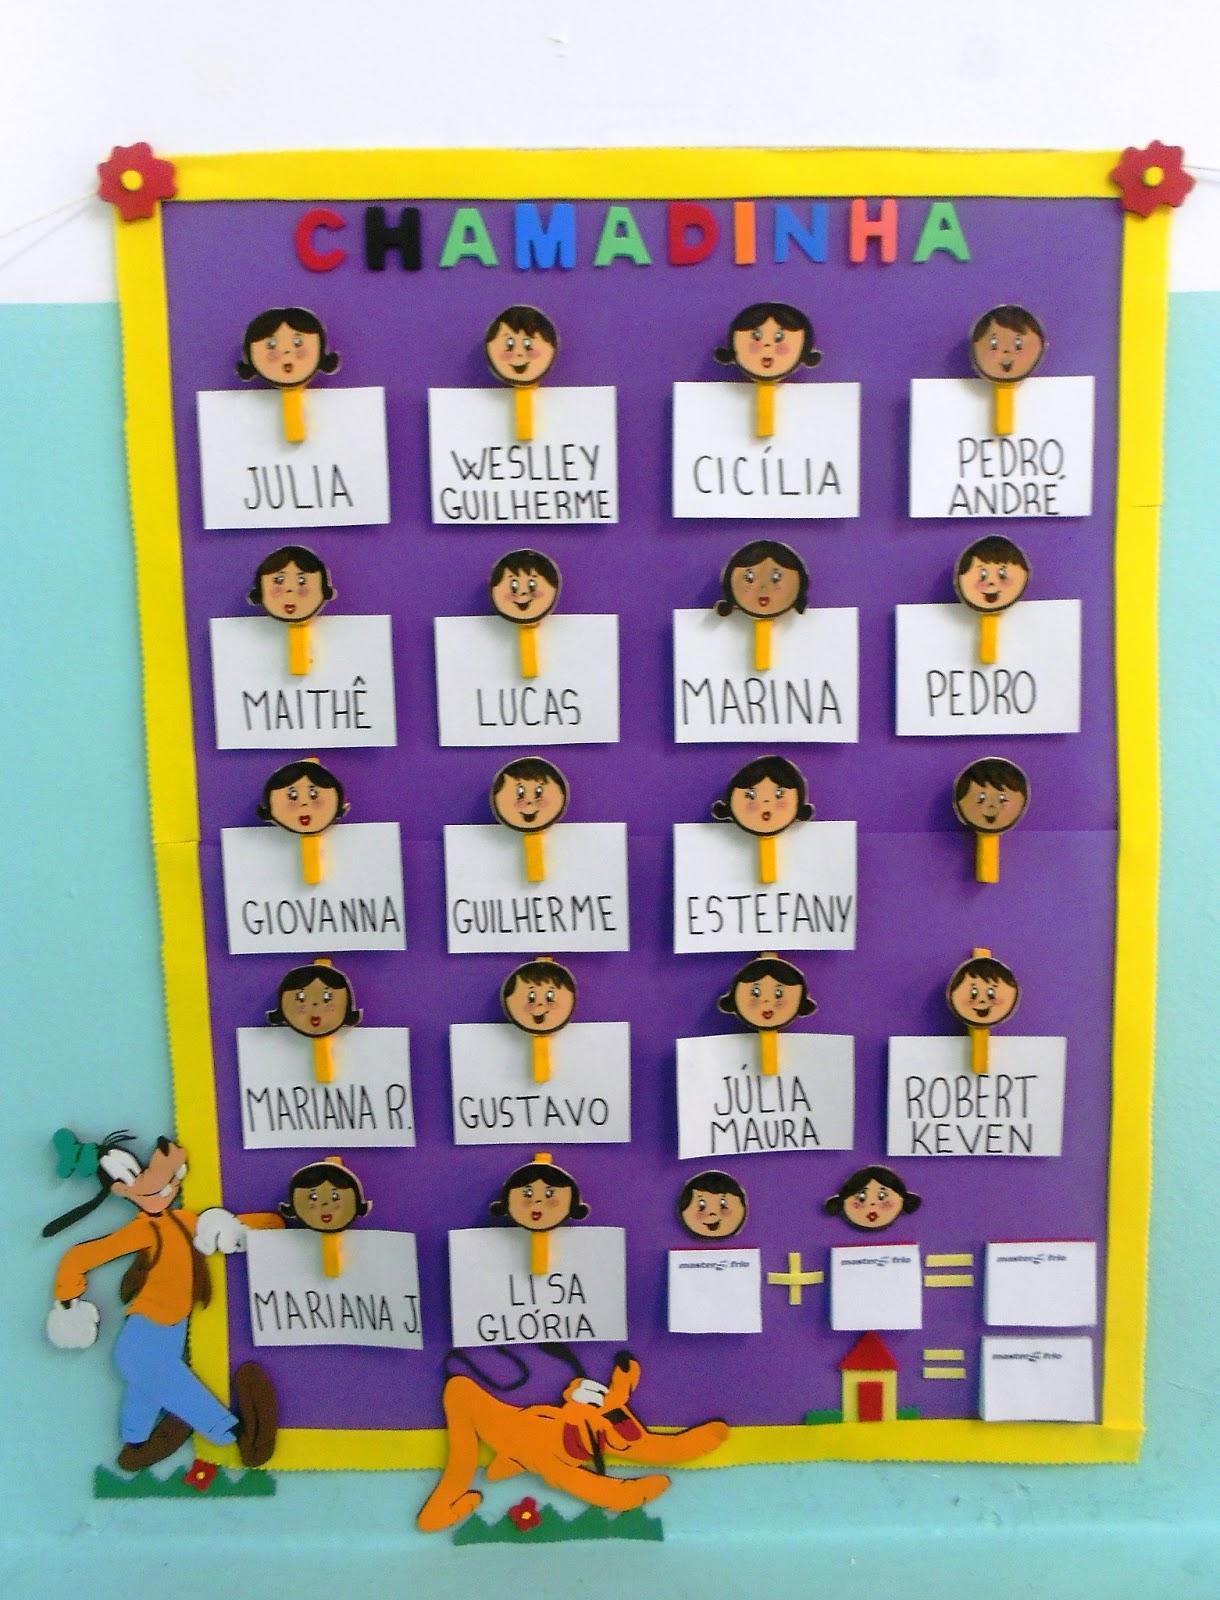 decoracao de sala aula educacao infantil : decoracao de sala aula educacao infantil: DANY Educação Infantil: Decoração da minha sala de aula